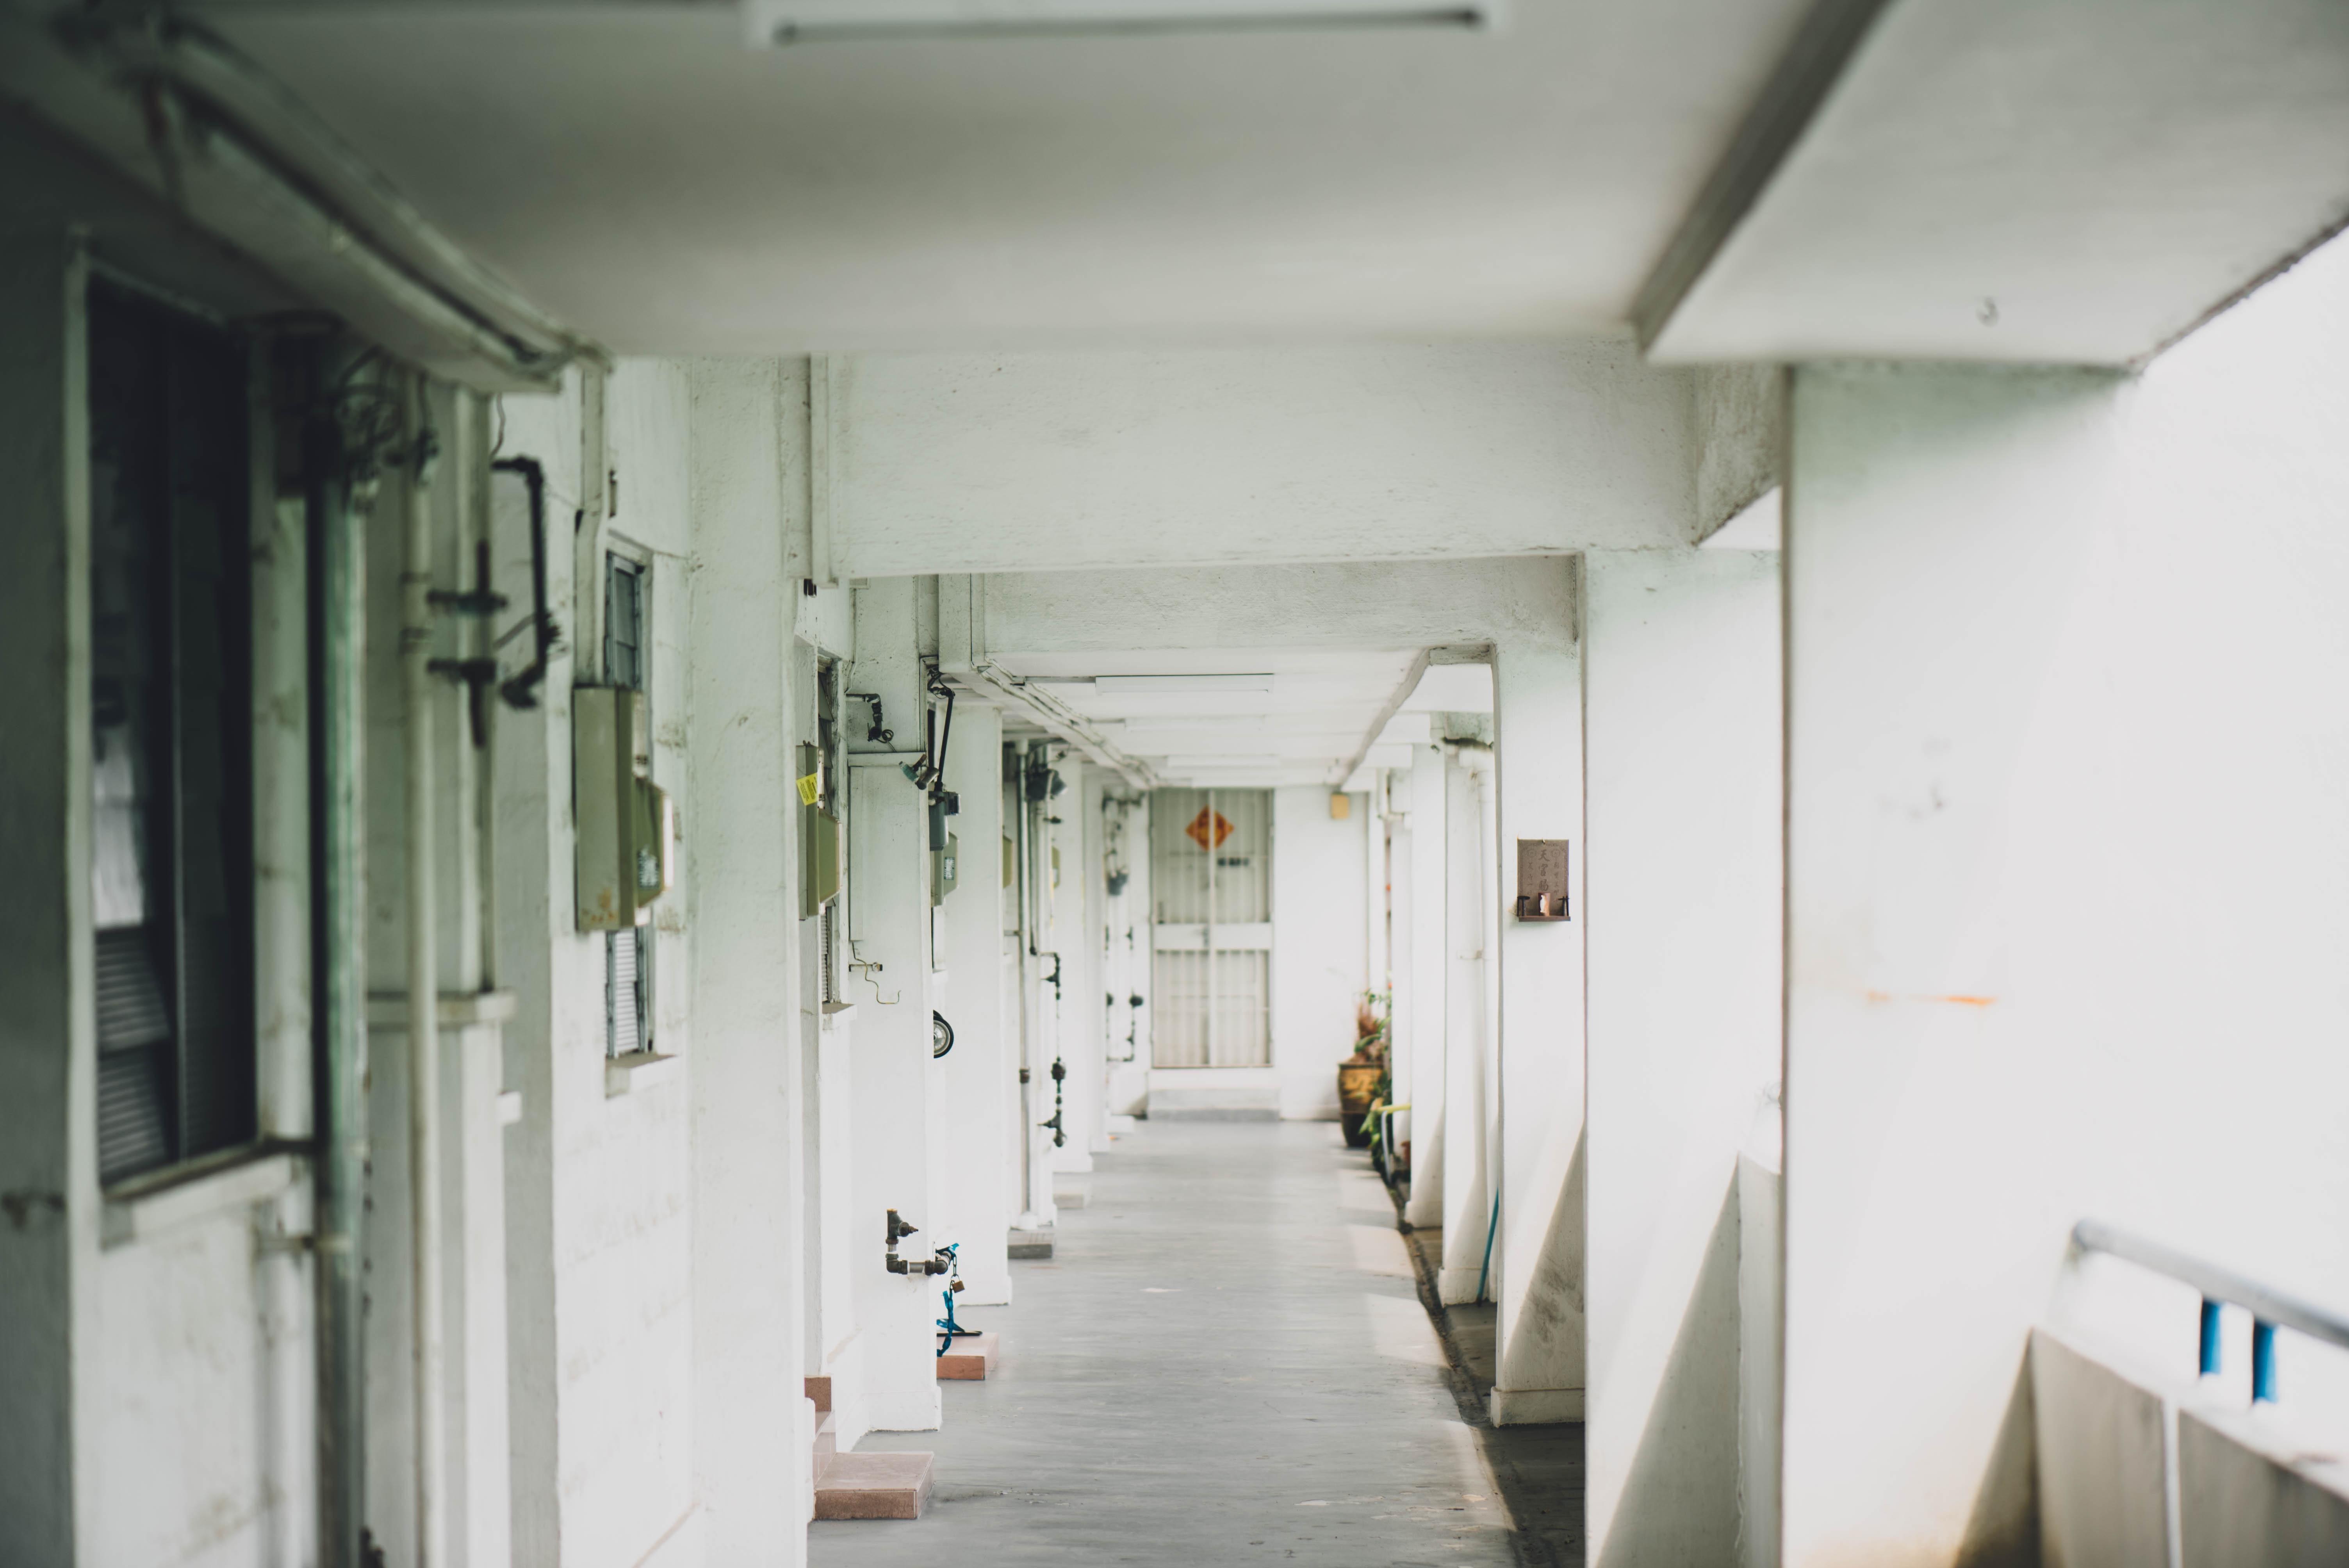 Kostenlose foto : Stock, Halle, Drinnen, Tür, Innenarchitektur ...